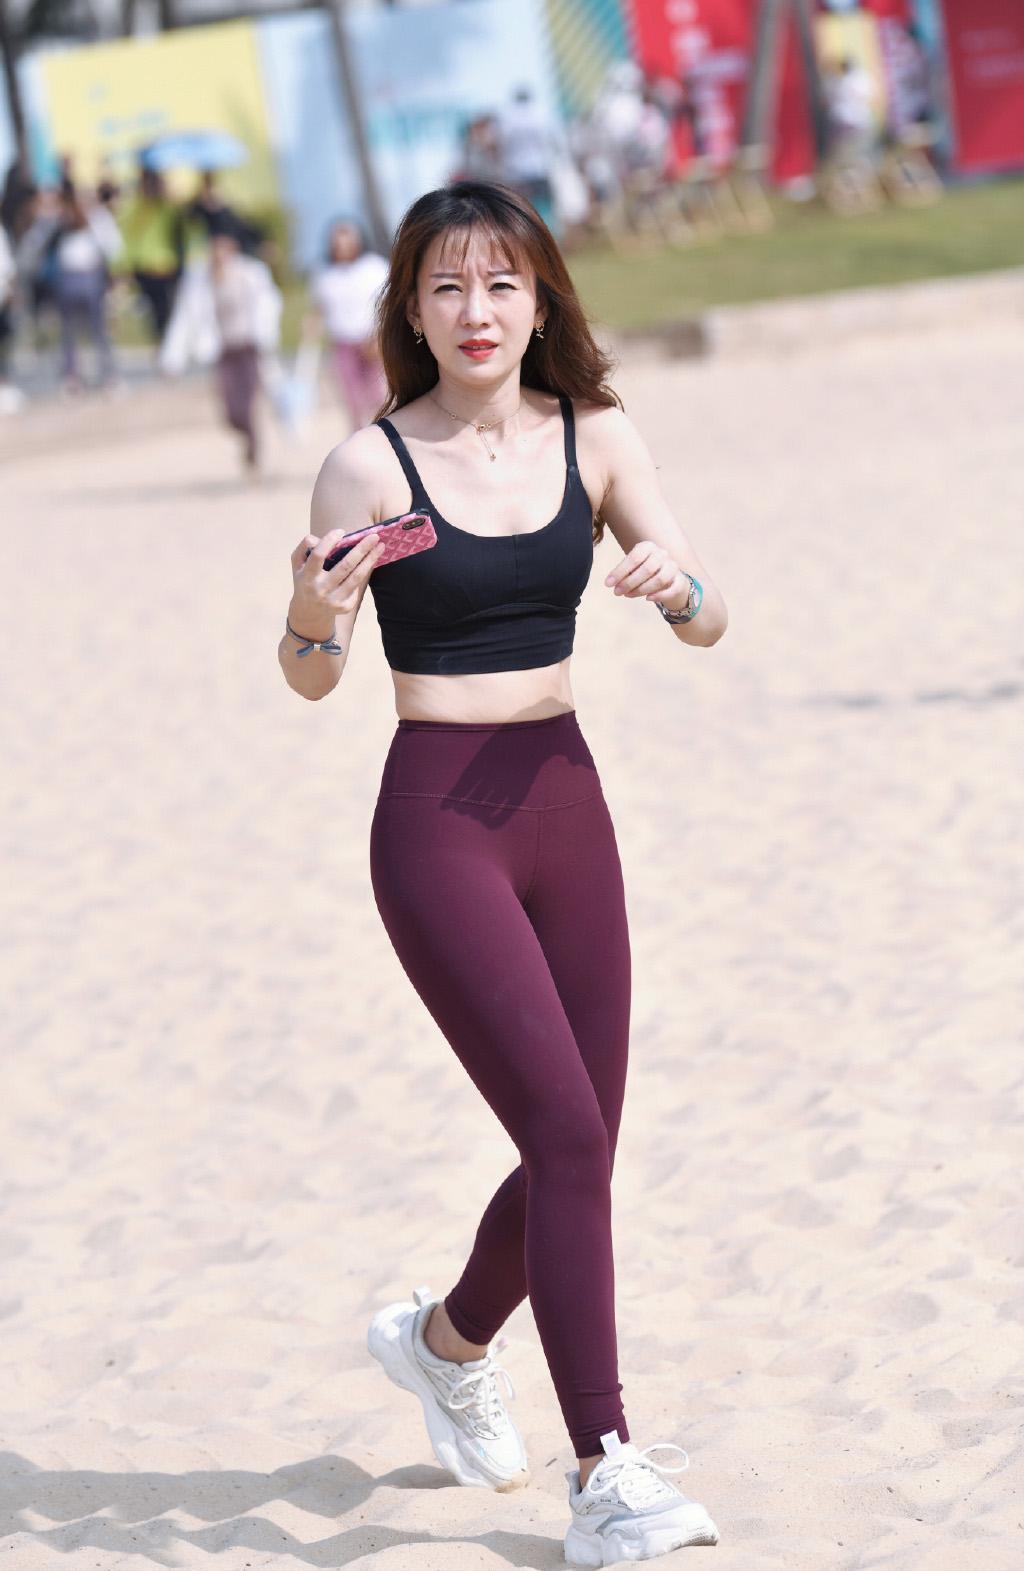 夏日的运动装,气质女生偏爱清凉个性的搭配风格,舒适又显气质 运动装 时装搭配 端游热点  第2张